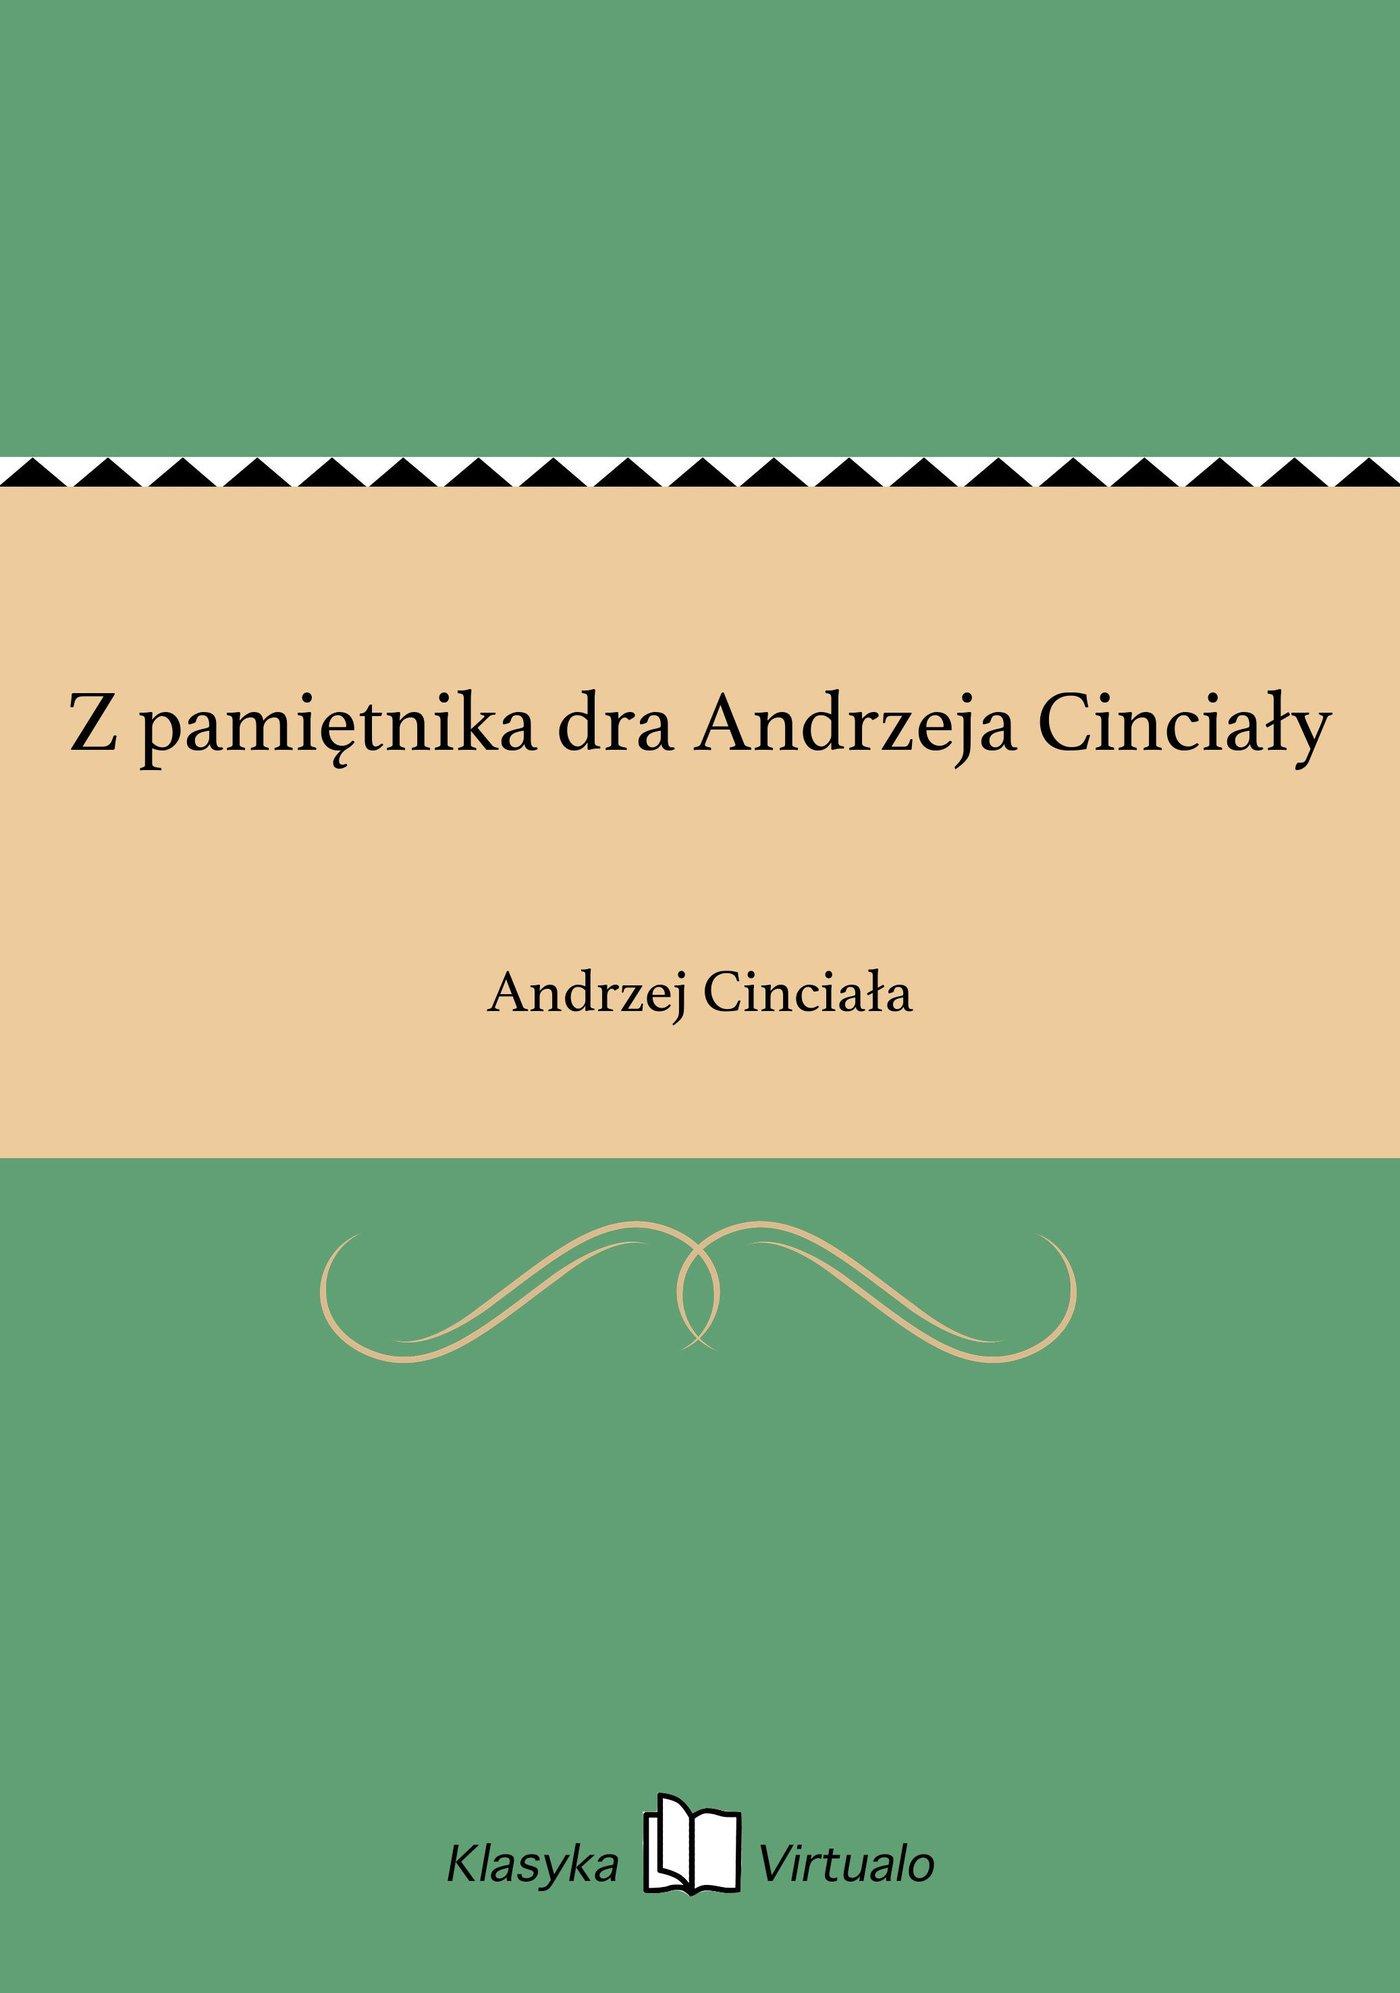 Z pamiętnika dra Andrzeja Cinciały - Ebook (Książka na Kindle) do pobrania w formacie MOBI